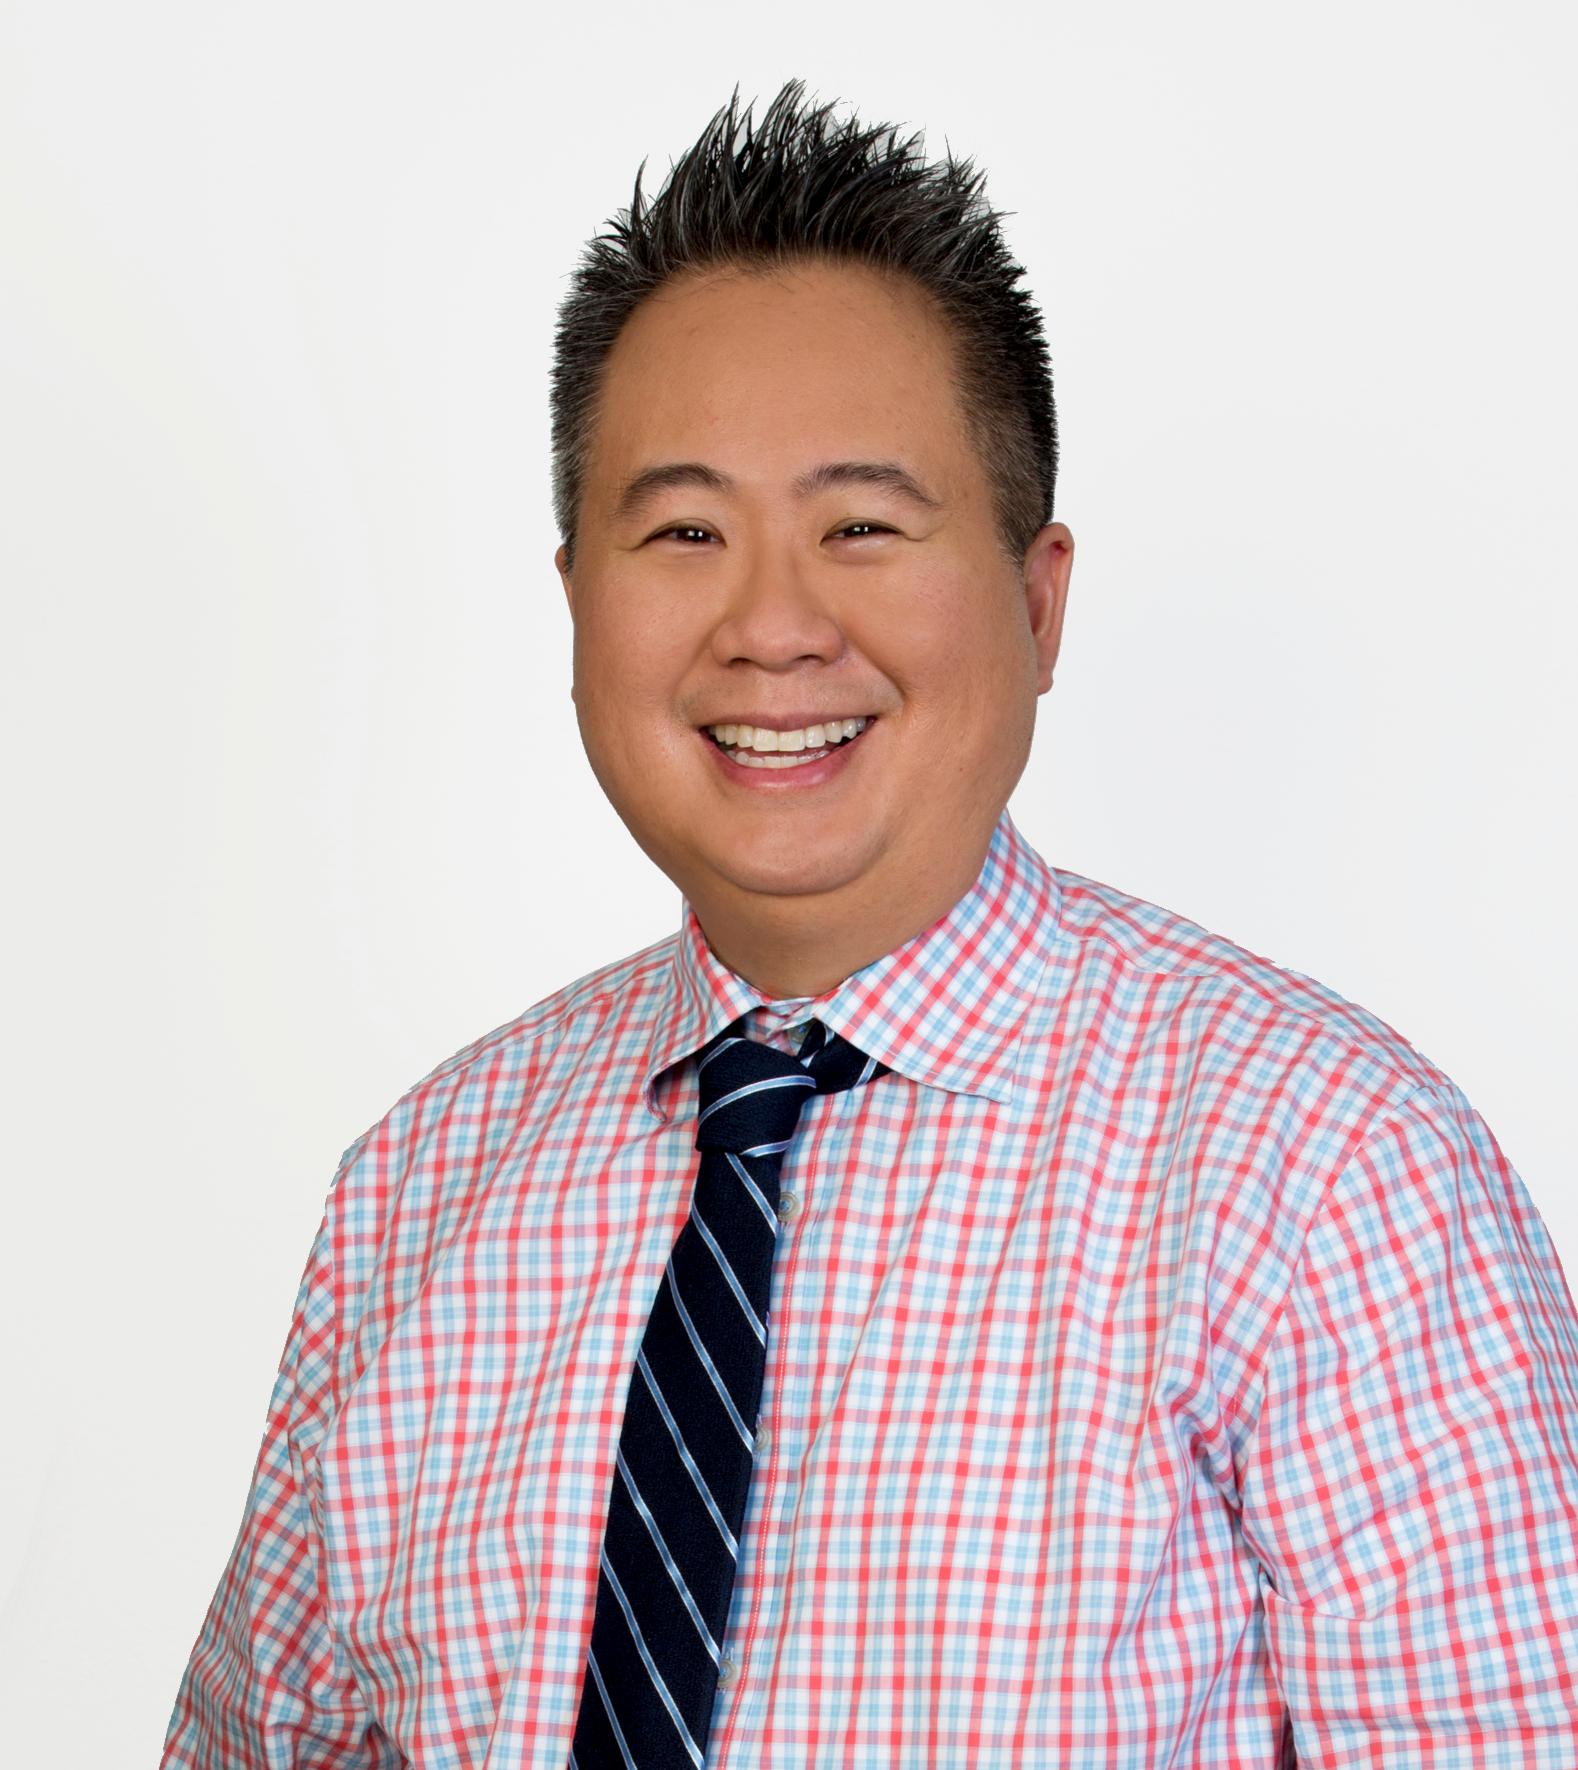 Nathan Yang, DDS